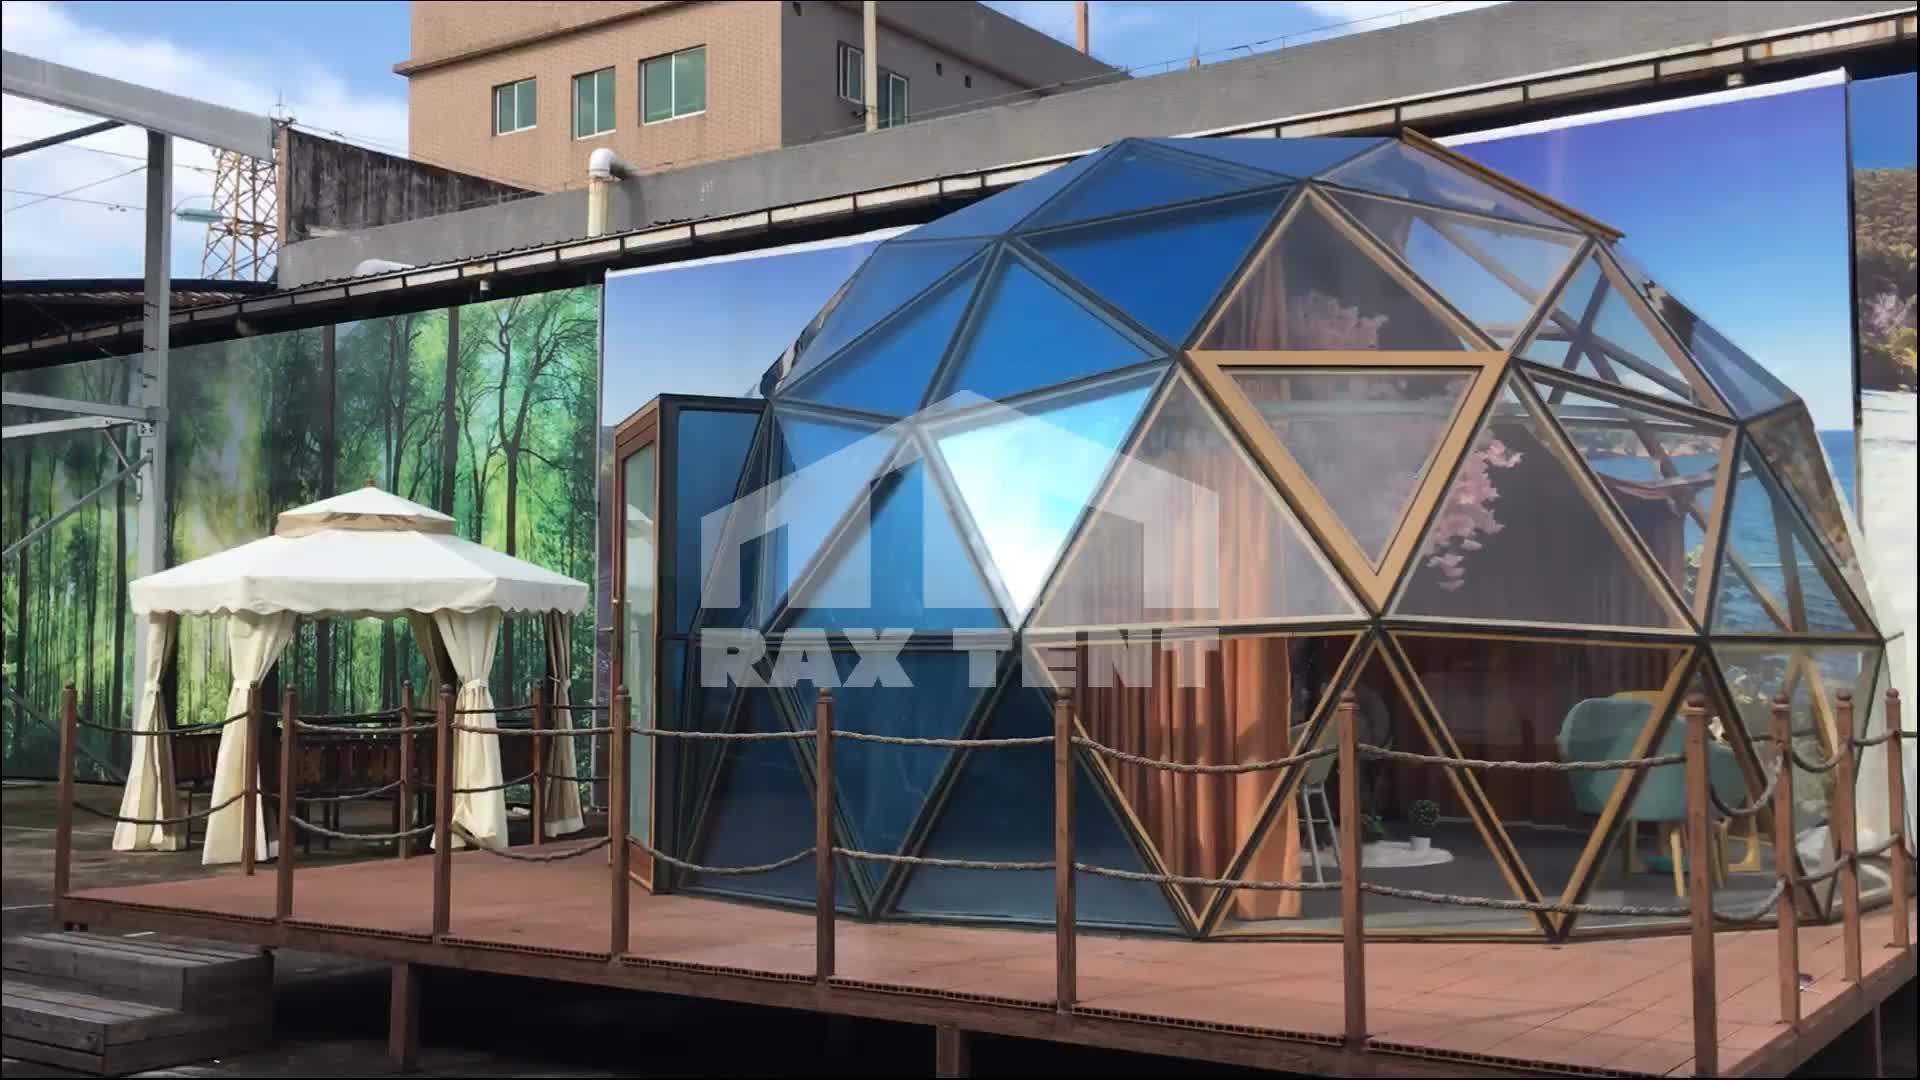 הגיאודזית זכוכית כיפת בית יורט כיפת אוהל משפחה גדול קמפינג אוהל ונופש יכול להשתמש עבור כל מזג אוויר כל השנה